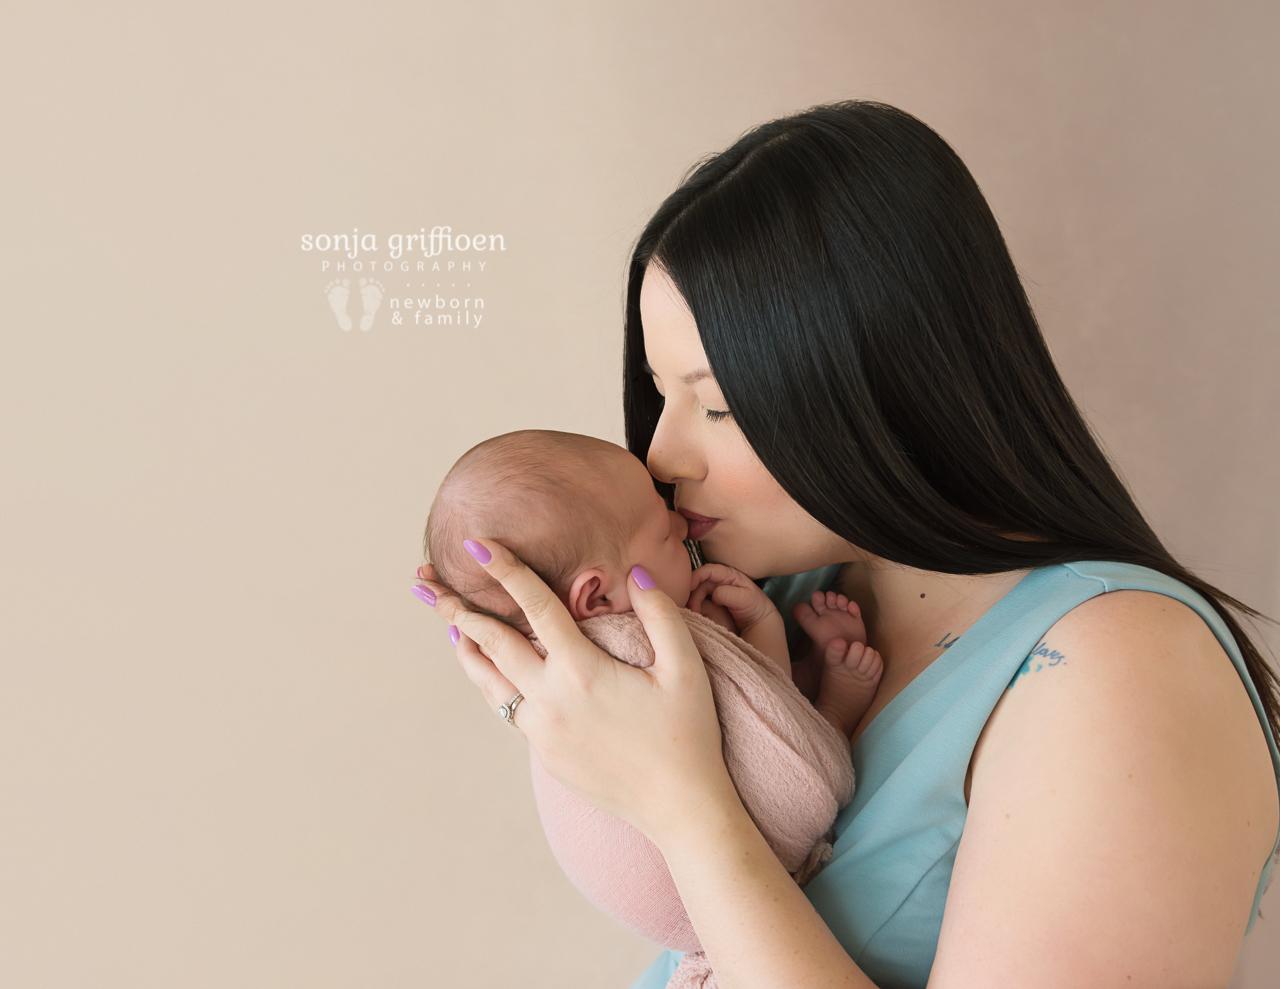 Violet-Newborn-Brisbane-Newborn-Photographer-Sonja-Griffioen-01.jpg